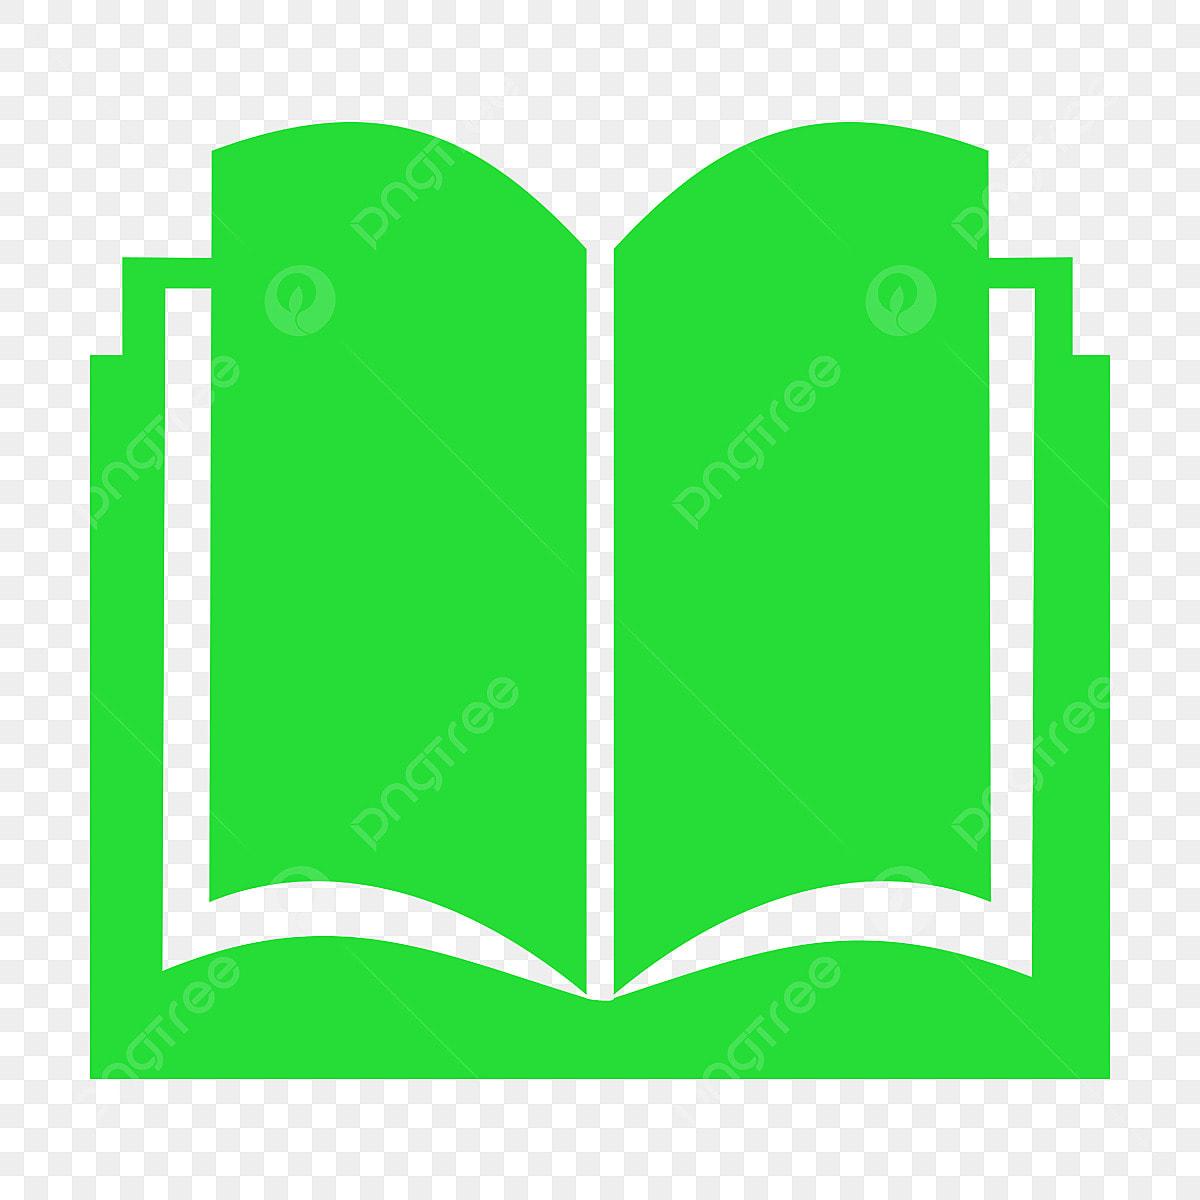 كتاب مفتوح تصميم مسطح كتاب كتاب مفتوح تصميم مسطح كتاب مفتوح Png والمتجهات للتحميل مجانا